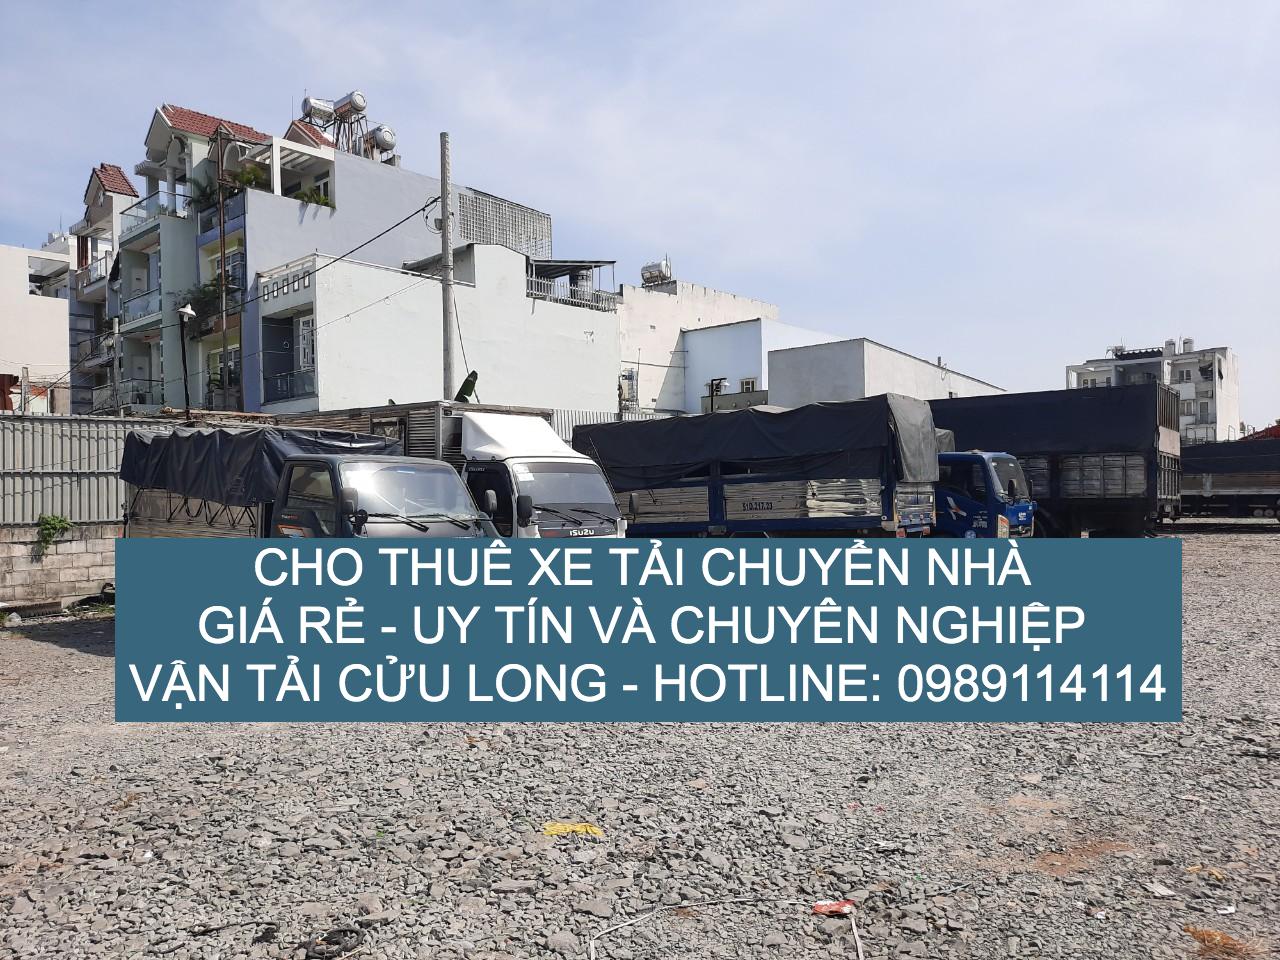 Dịch vụ cho thuê xe tải chuyển nhà uy tín và chuyên nghiệp– Vận tải Cửu Long